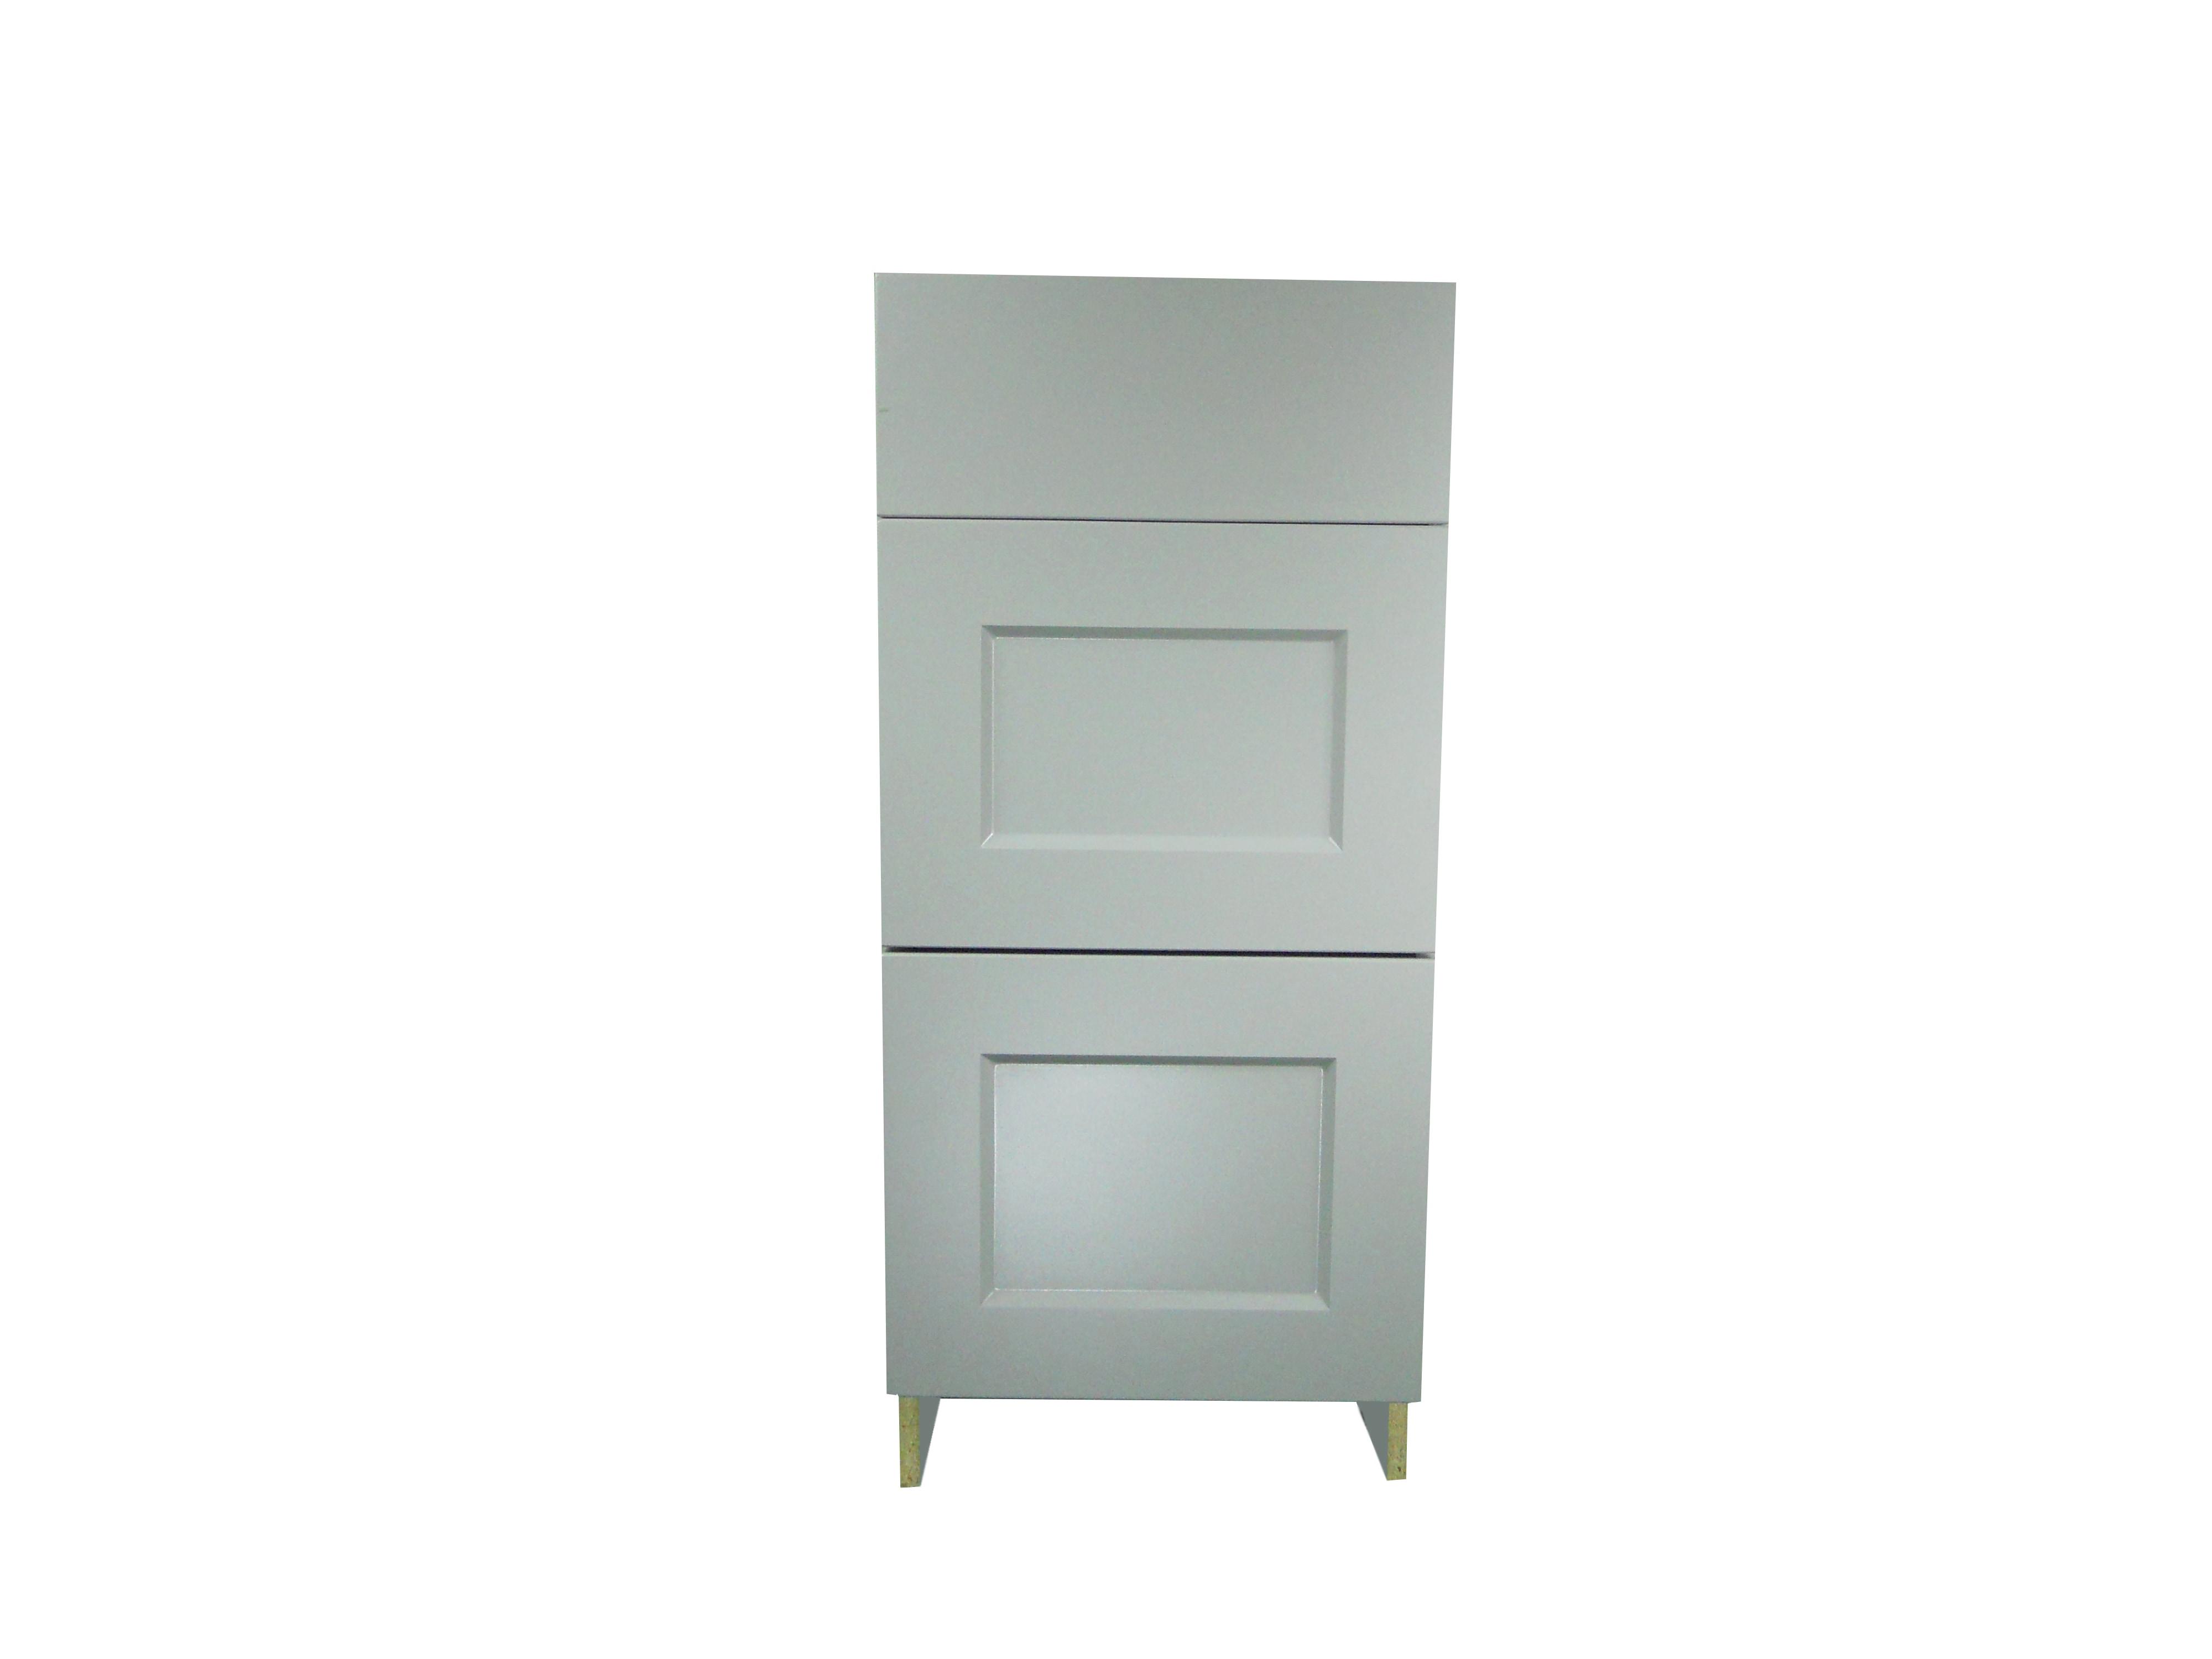 Base Cabinet 3 Drawer Bank / Whistler Grey / Flat Panel Grey / 18 Whistler Grey 0